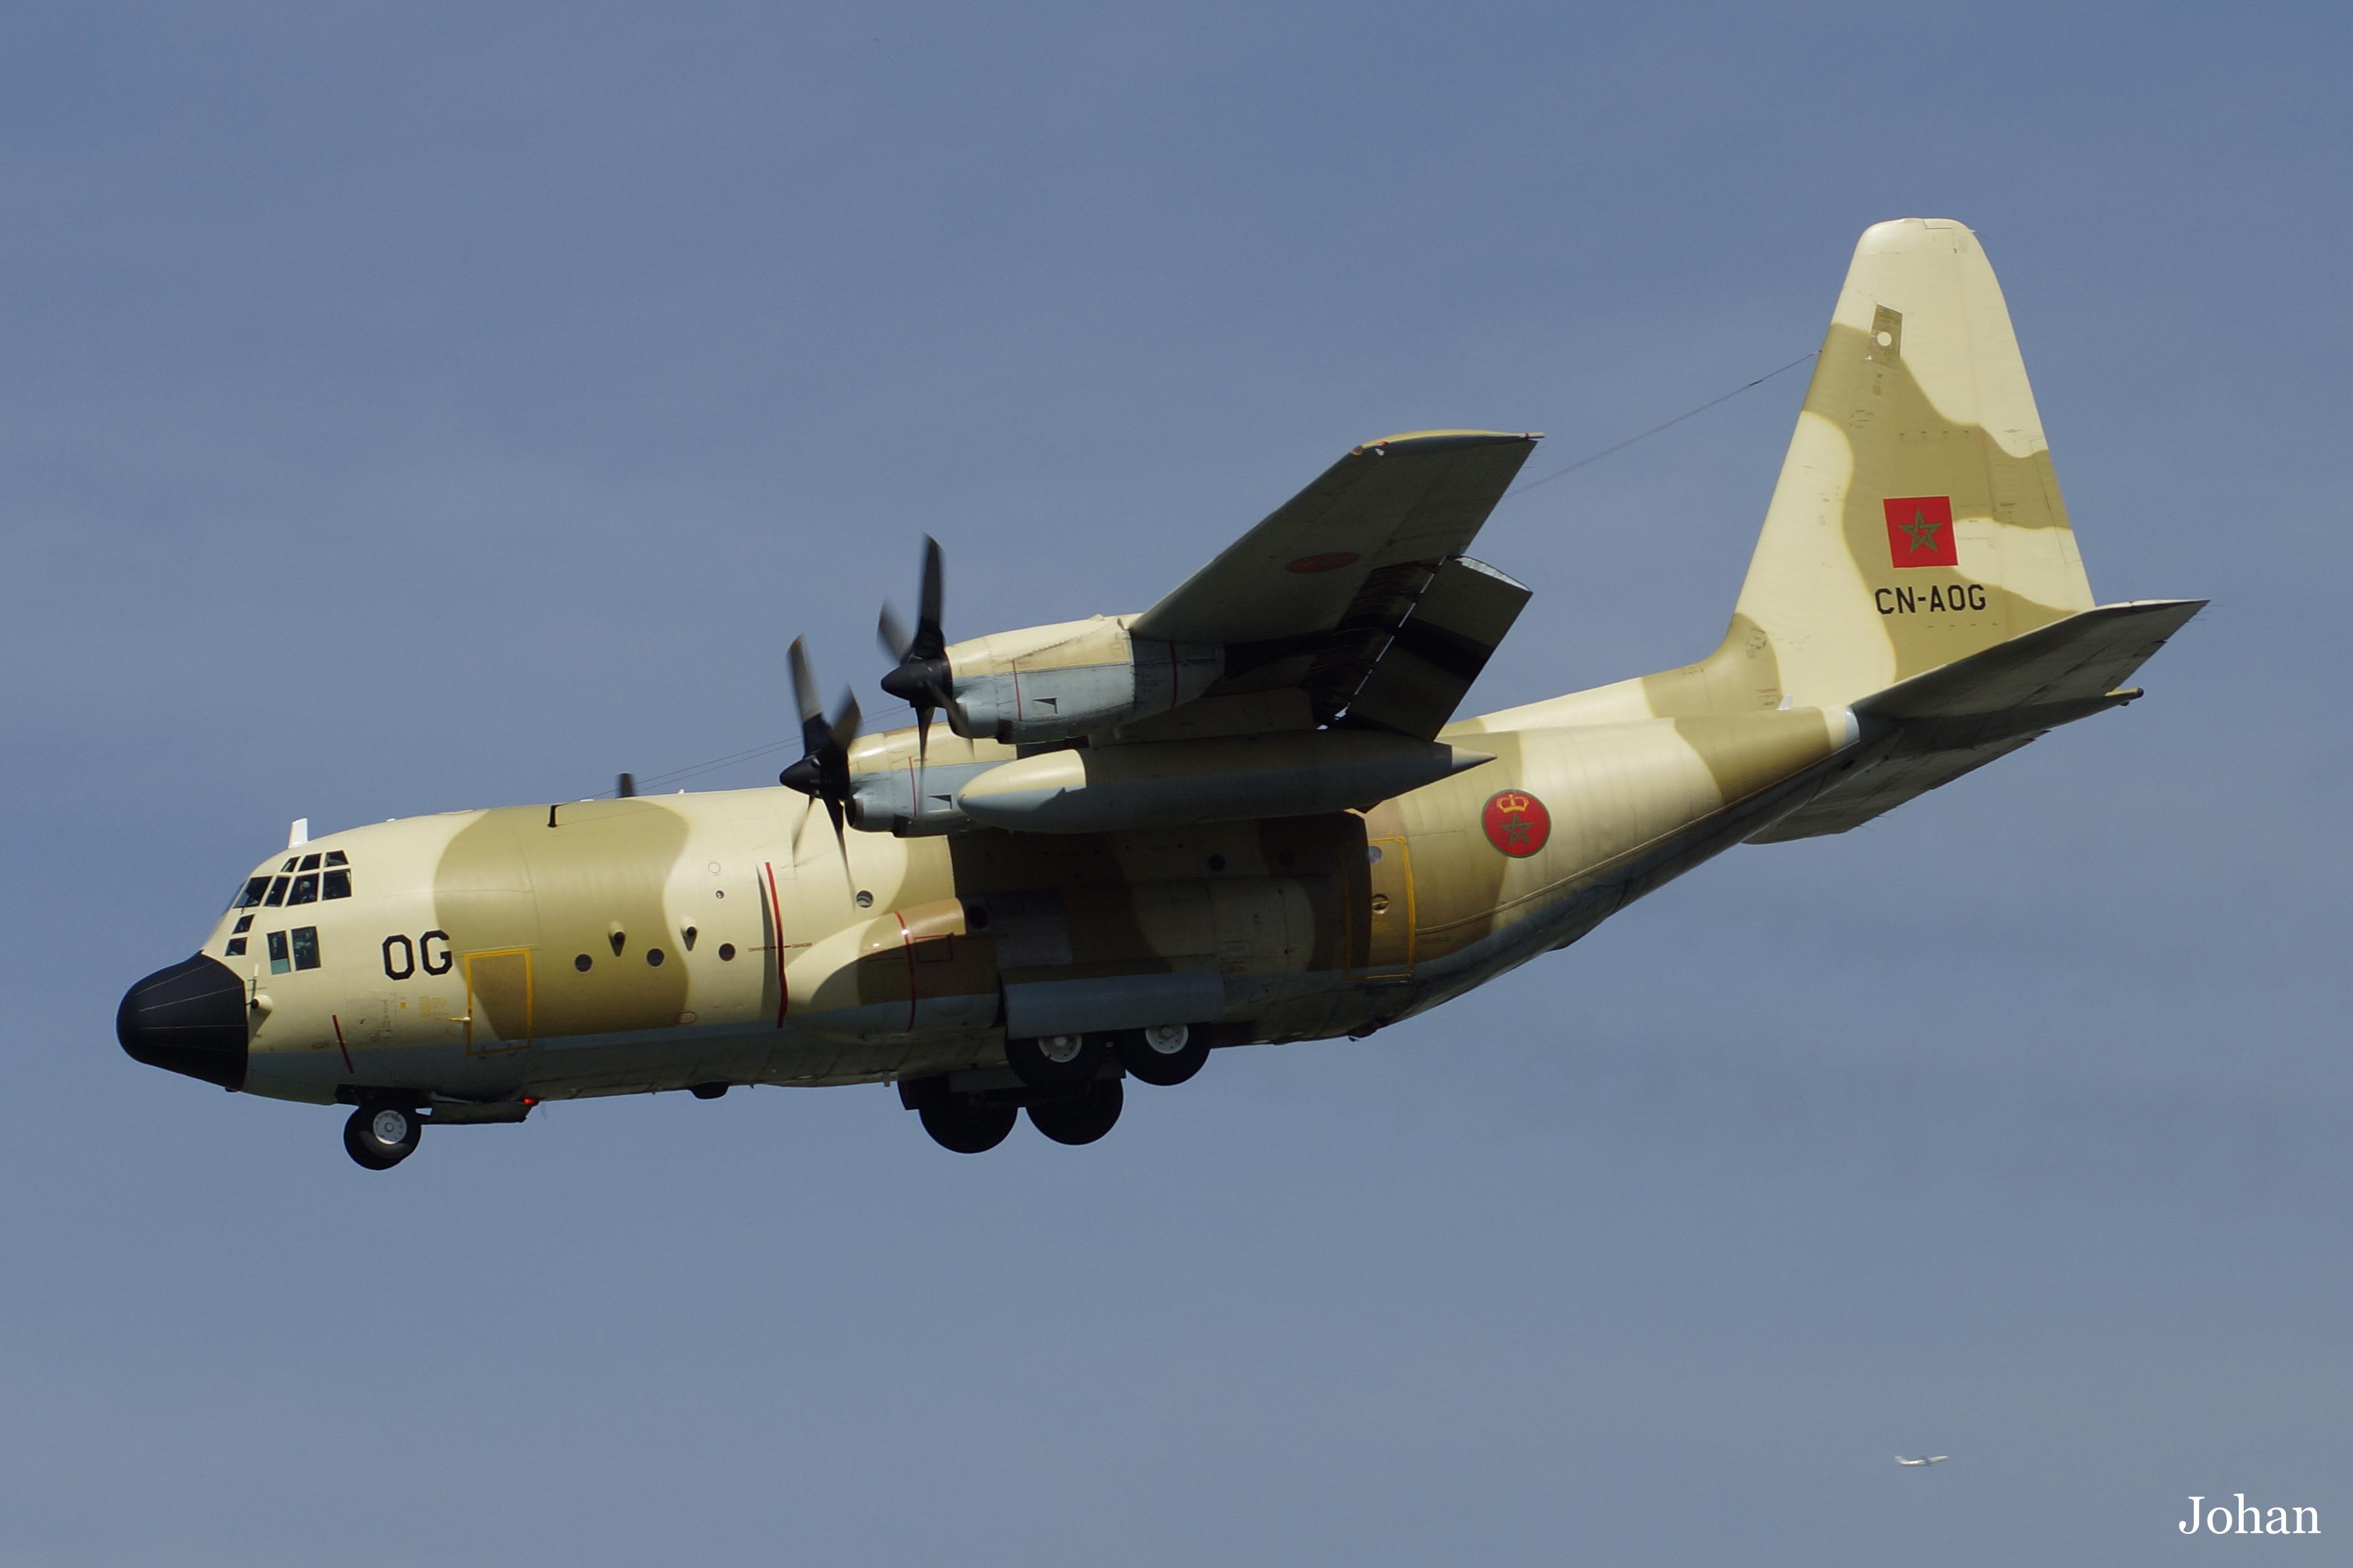 FRA: Photos d'avions de transport - Page 22 17433590311_b037053180_o